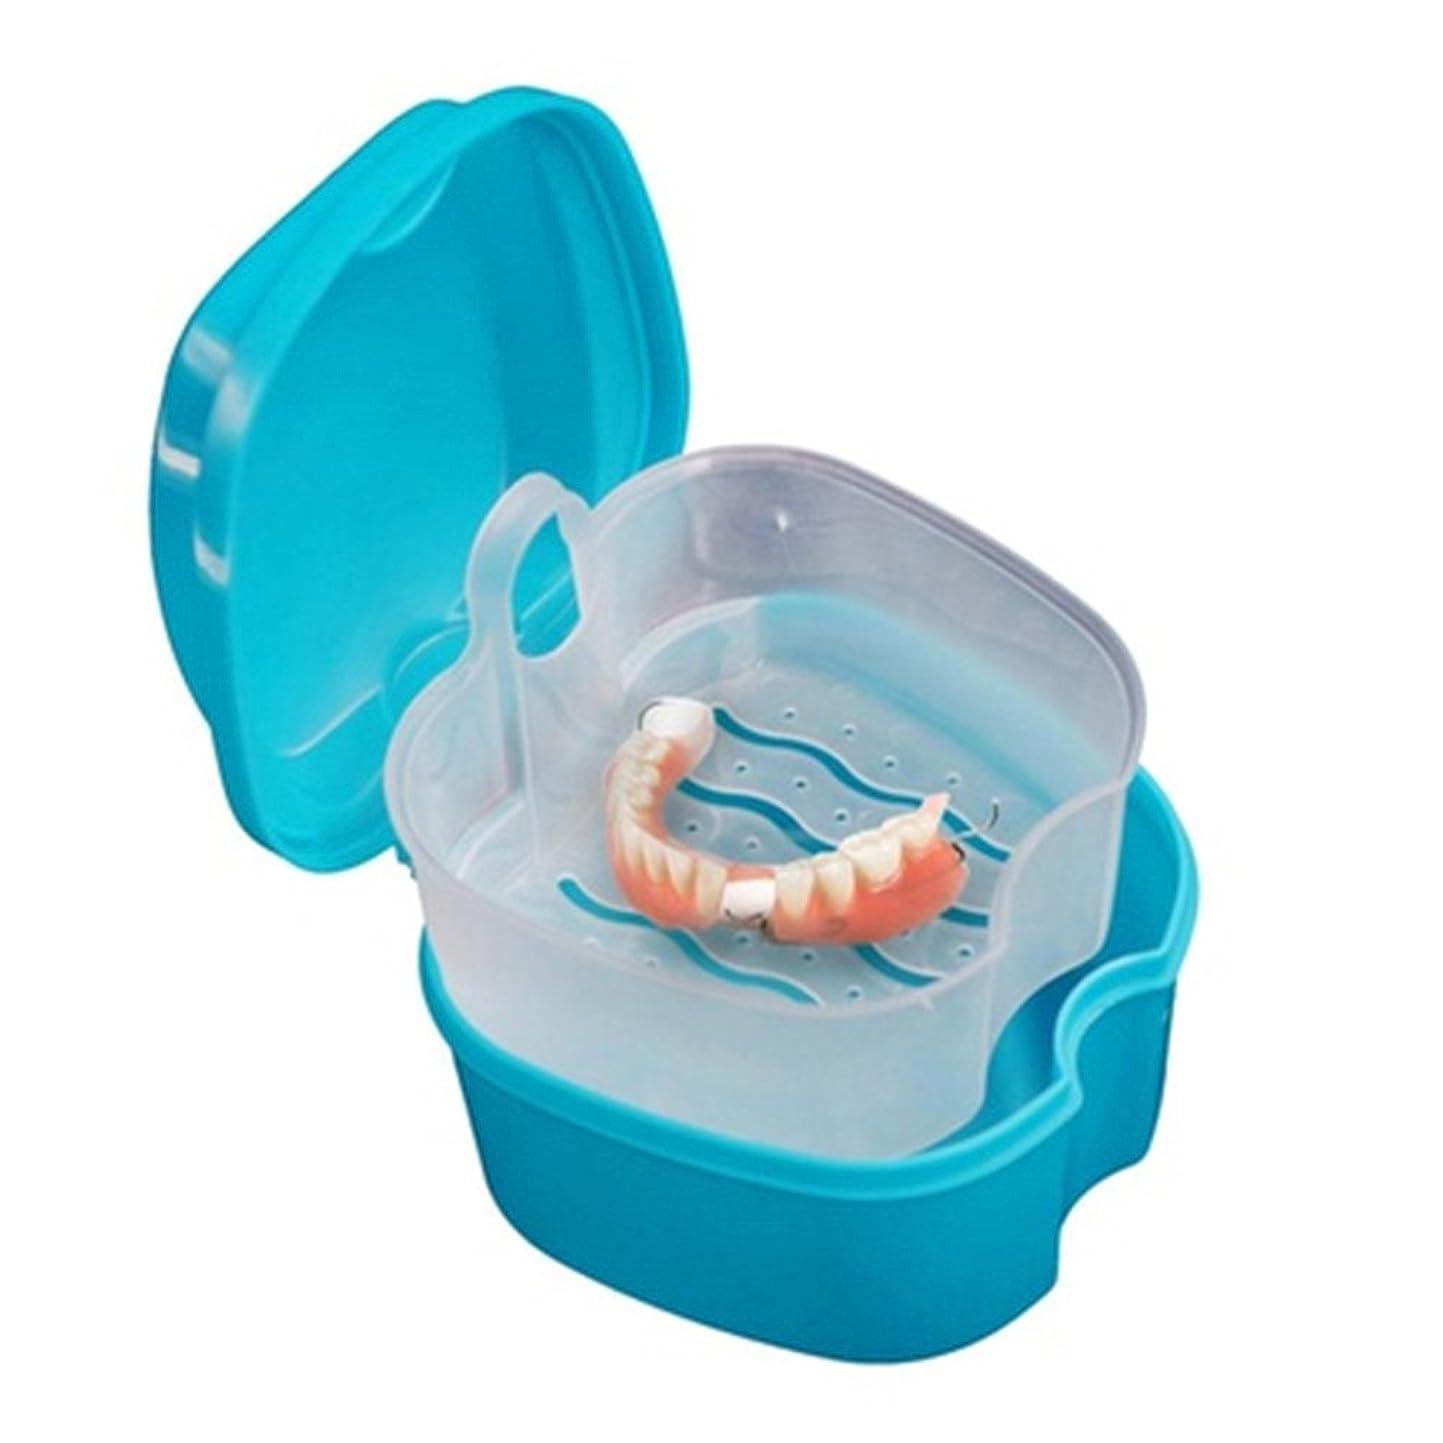 試験集まる舗装するCozyrom ネット付き 抗菌加工 乳歯 入れ歯収納ケース 容器 ボック 使いやすい